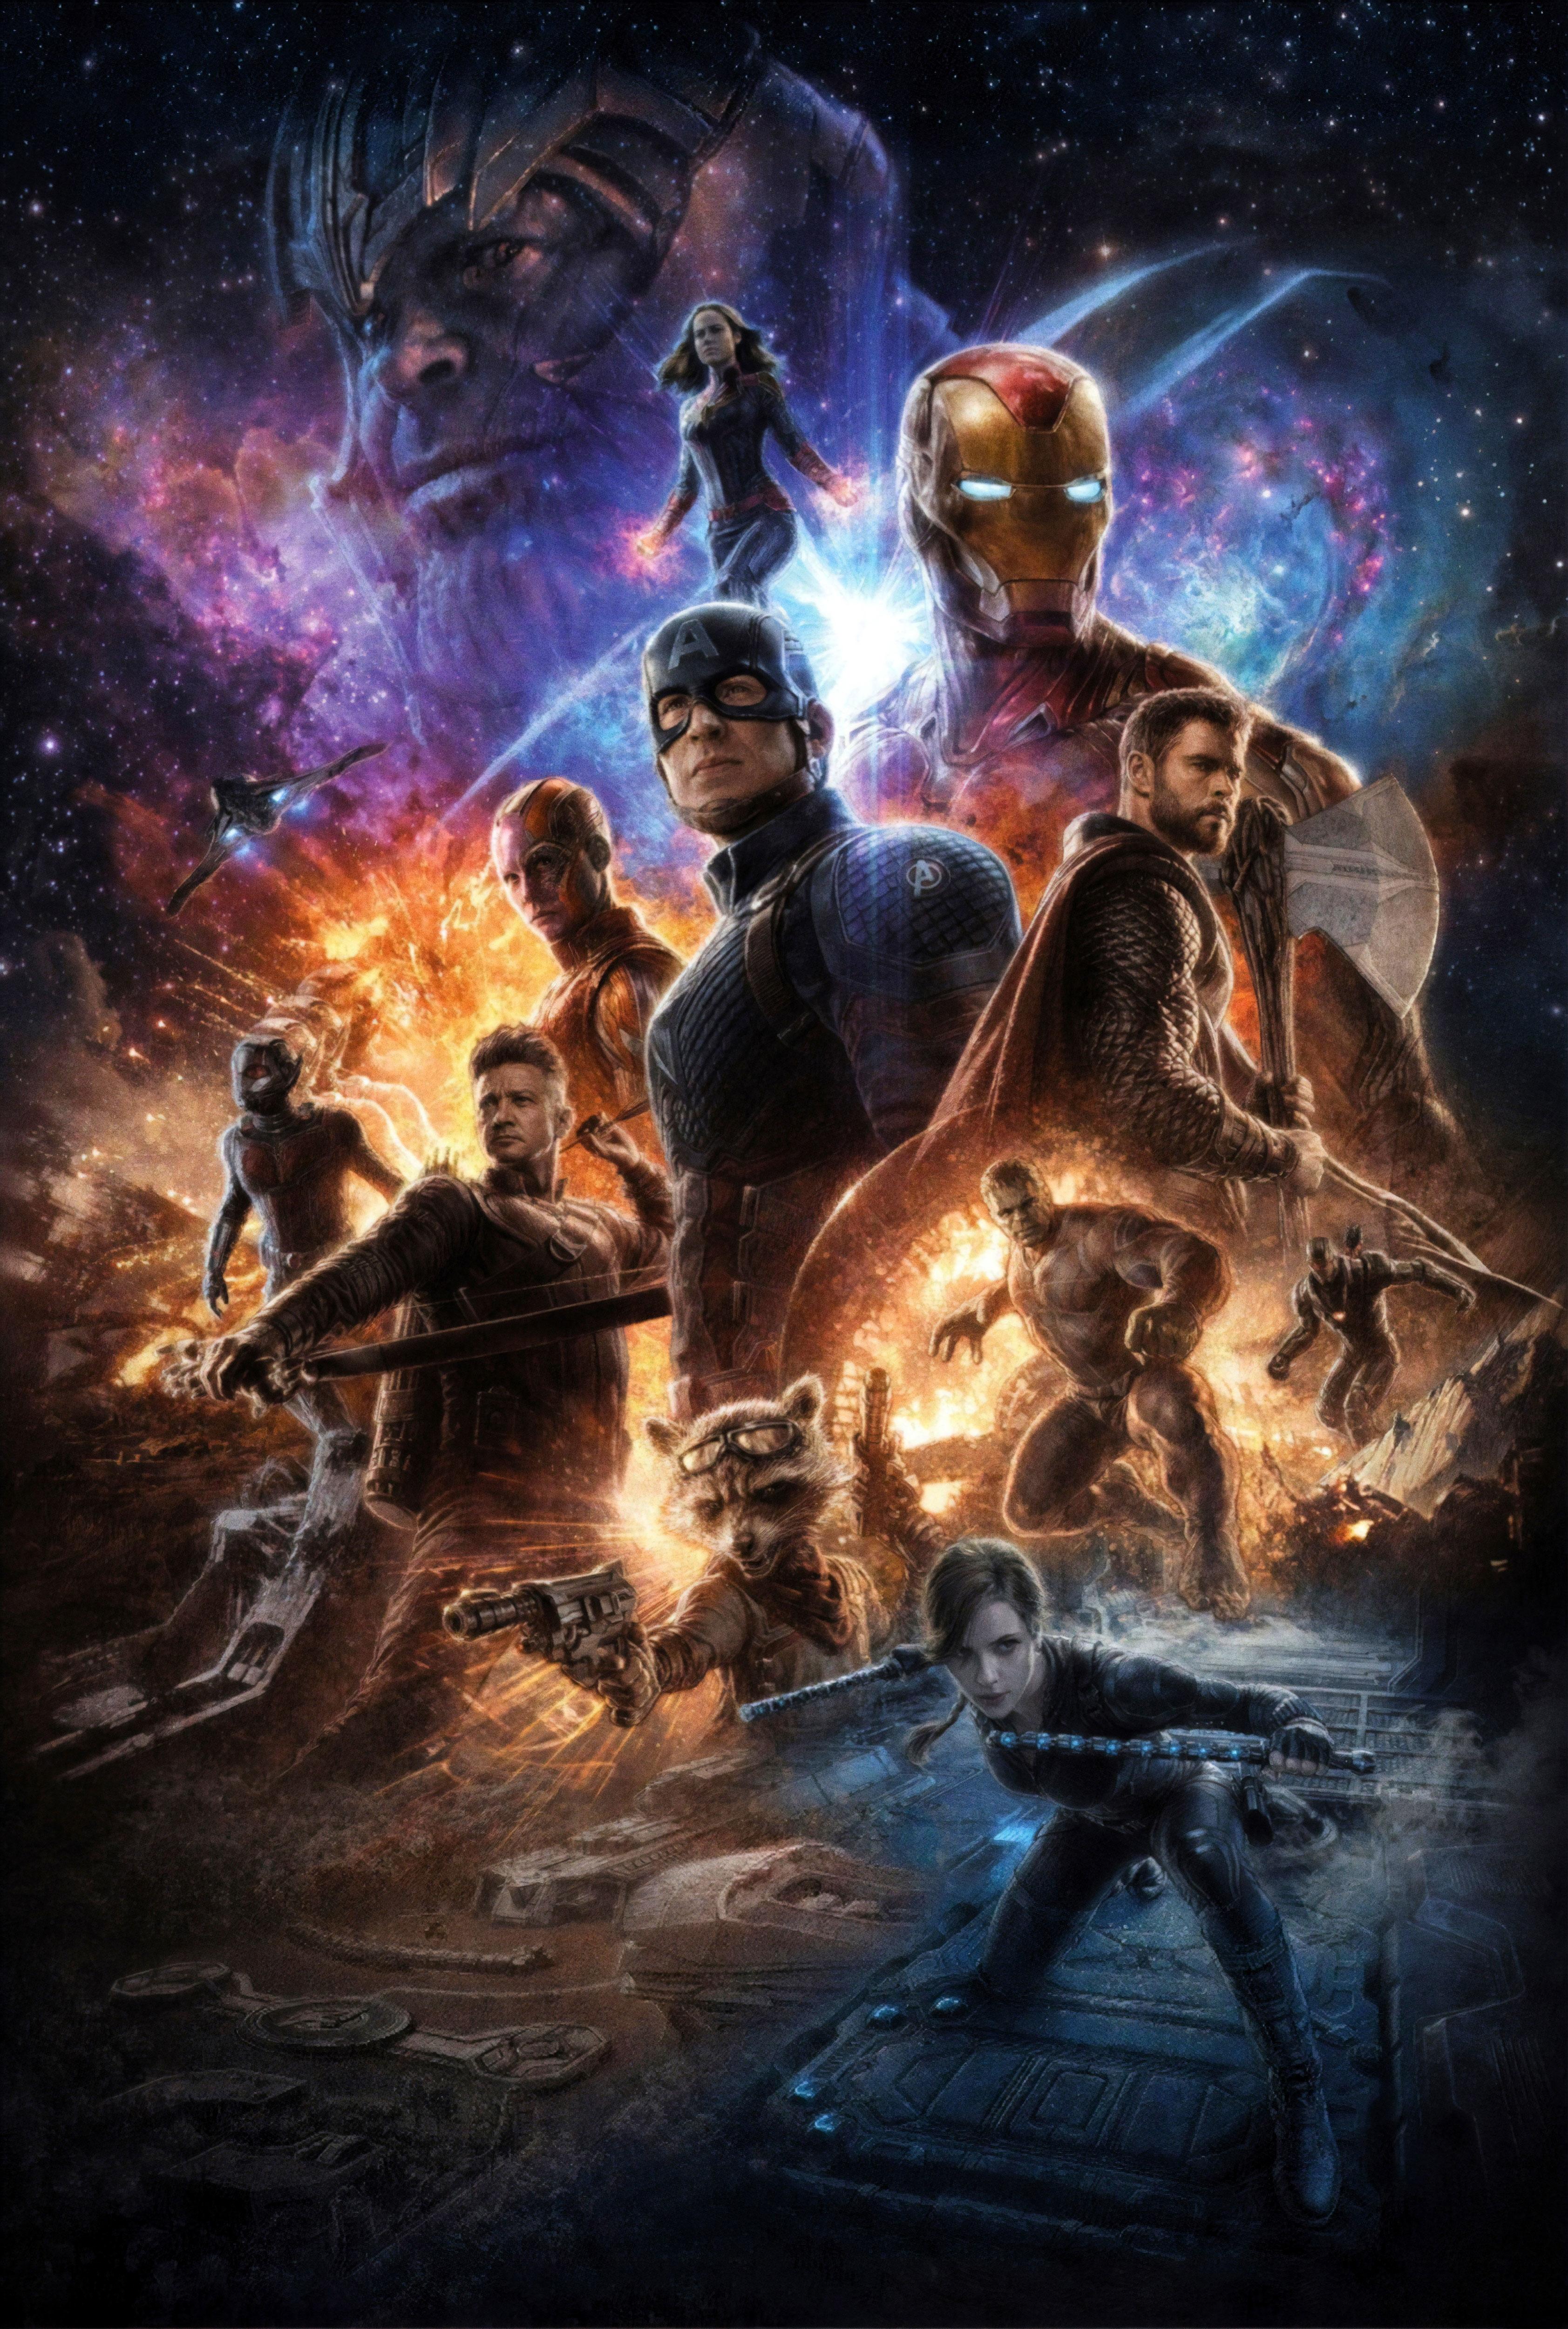 Avengers Endgame 4K Poster Wallpaper, HD Movies 4K ...